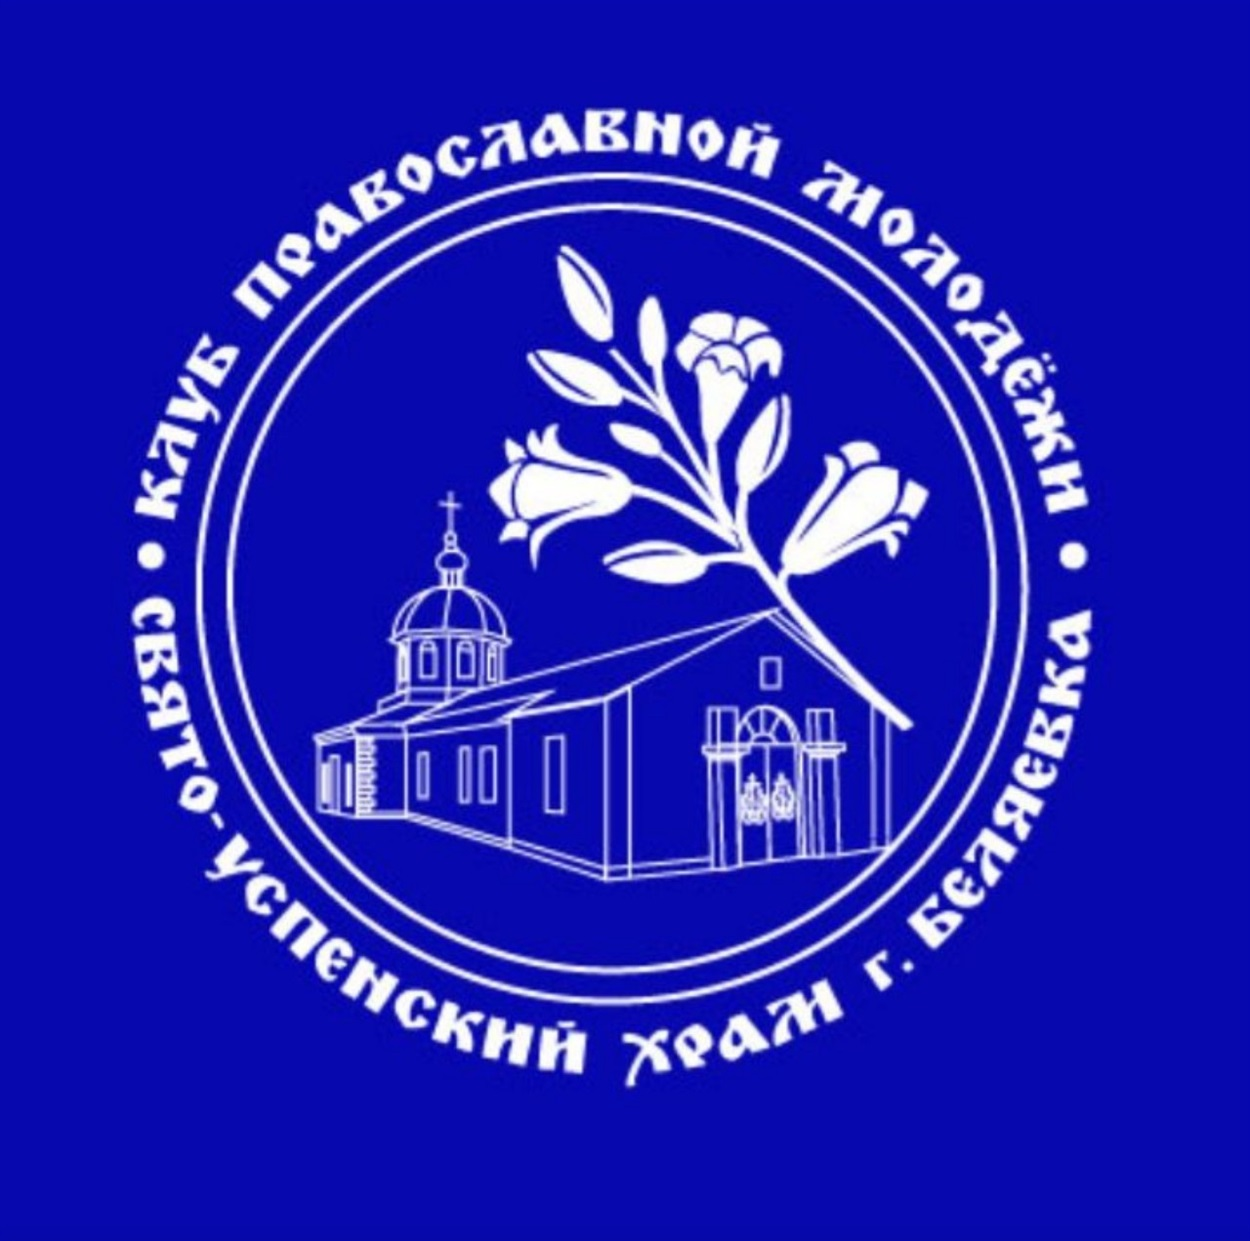 Є у клубу вже свій логотип - в центрі якого храм з білою лілією